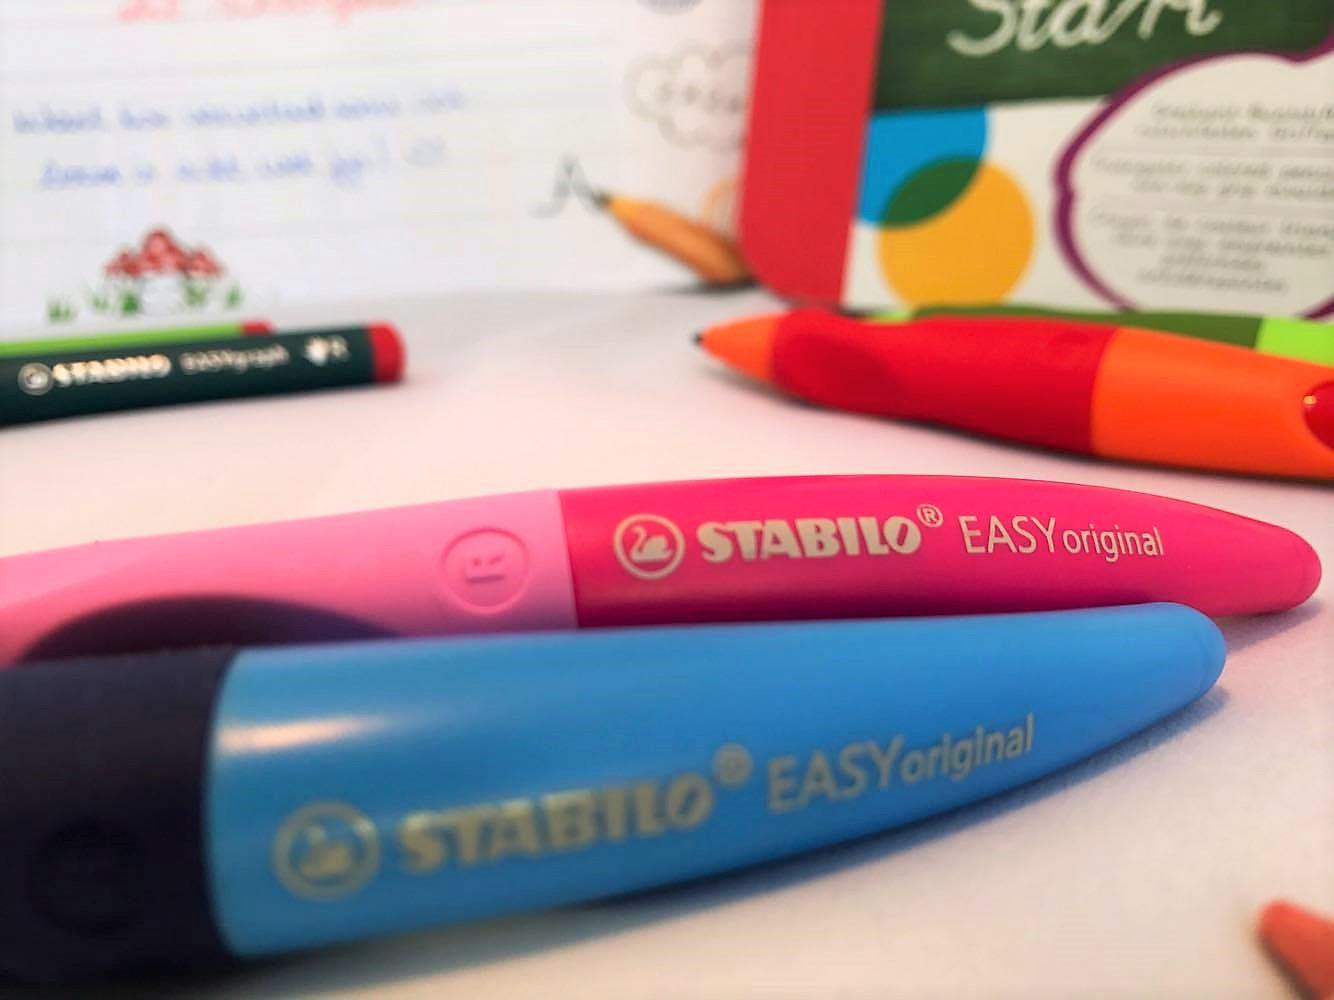 Leren schrijven saai? Niet met Stabilo!